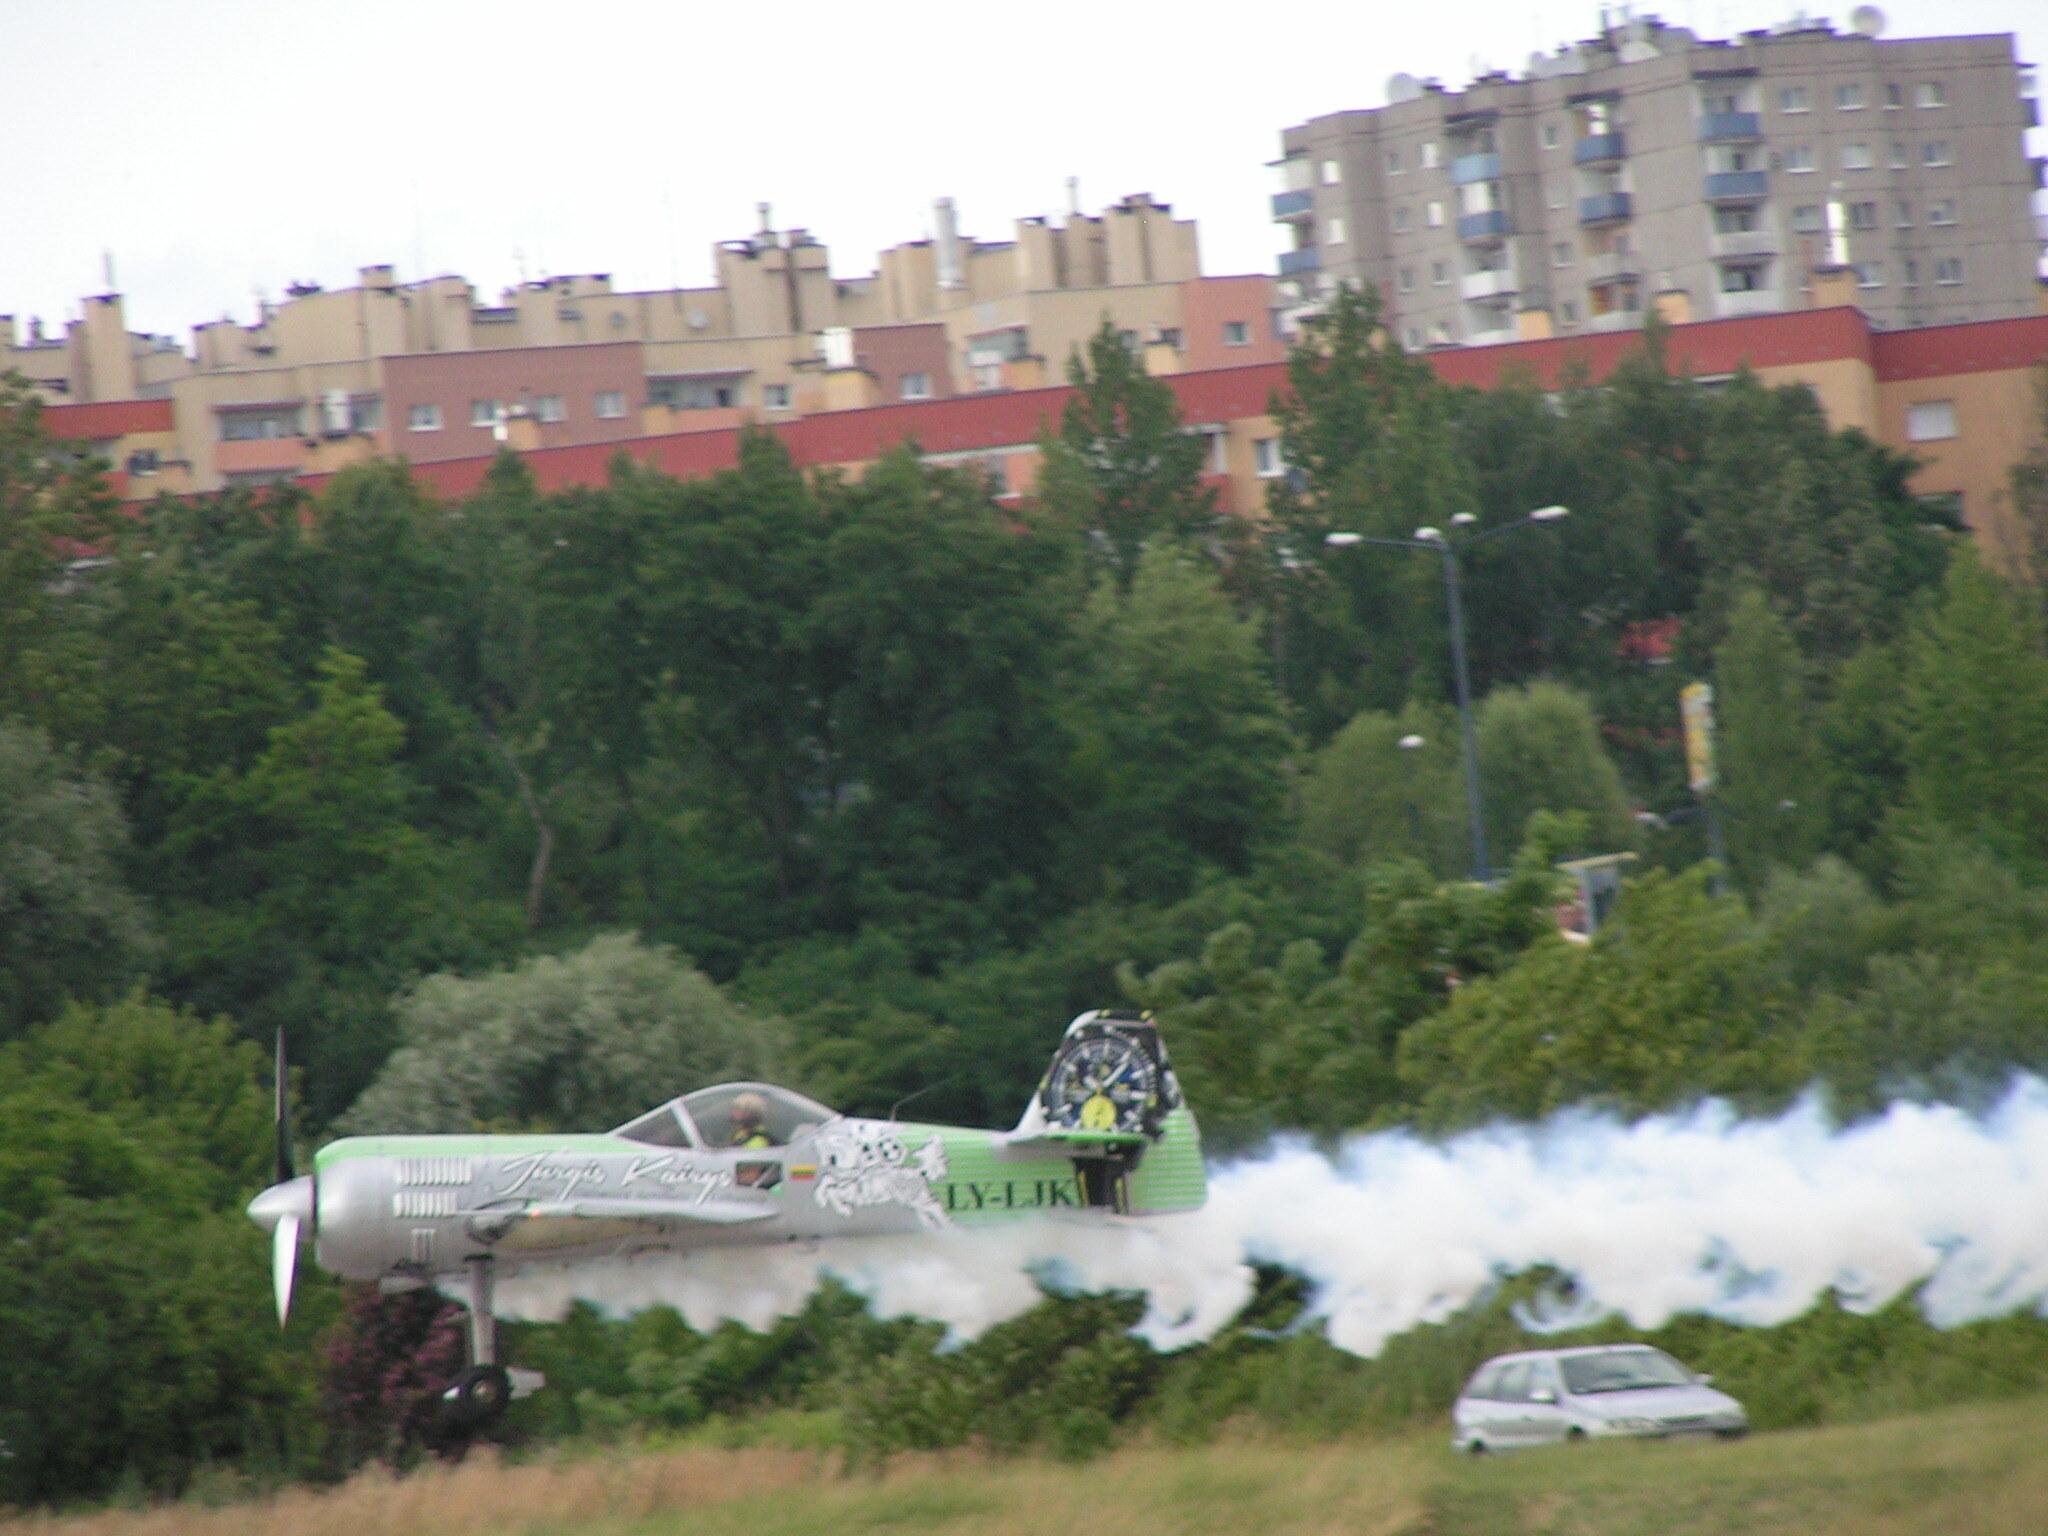 Pokazy lotnicze w Krakowie Czyżynach w Muzeum Lotnictwa